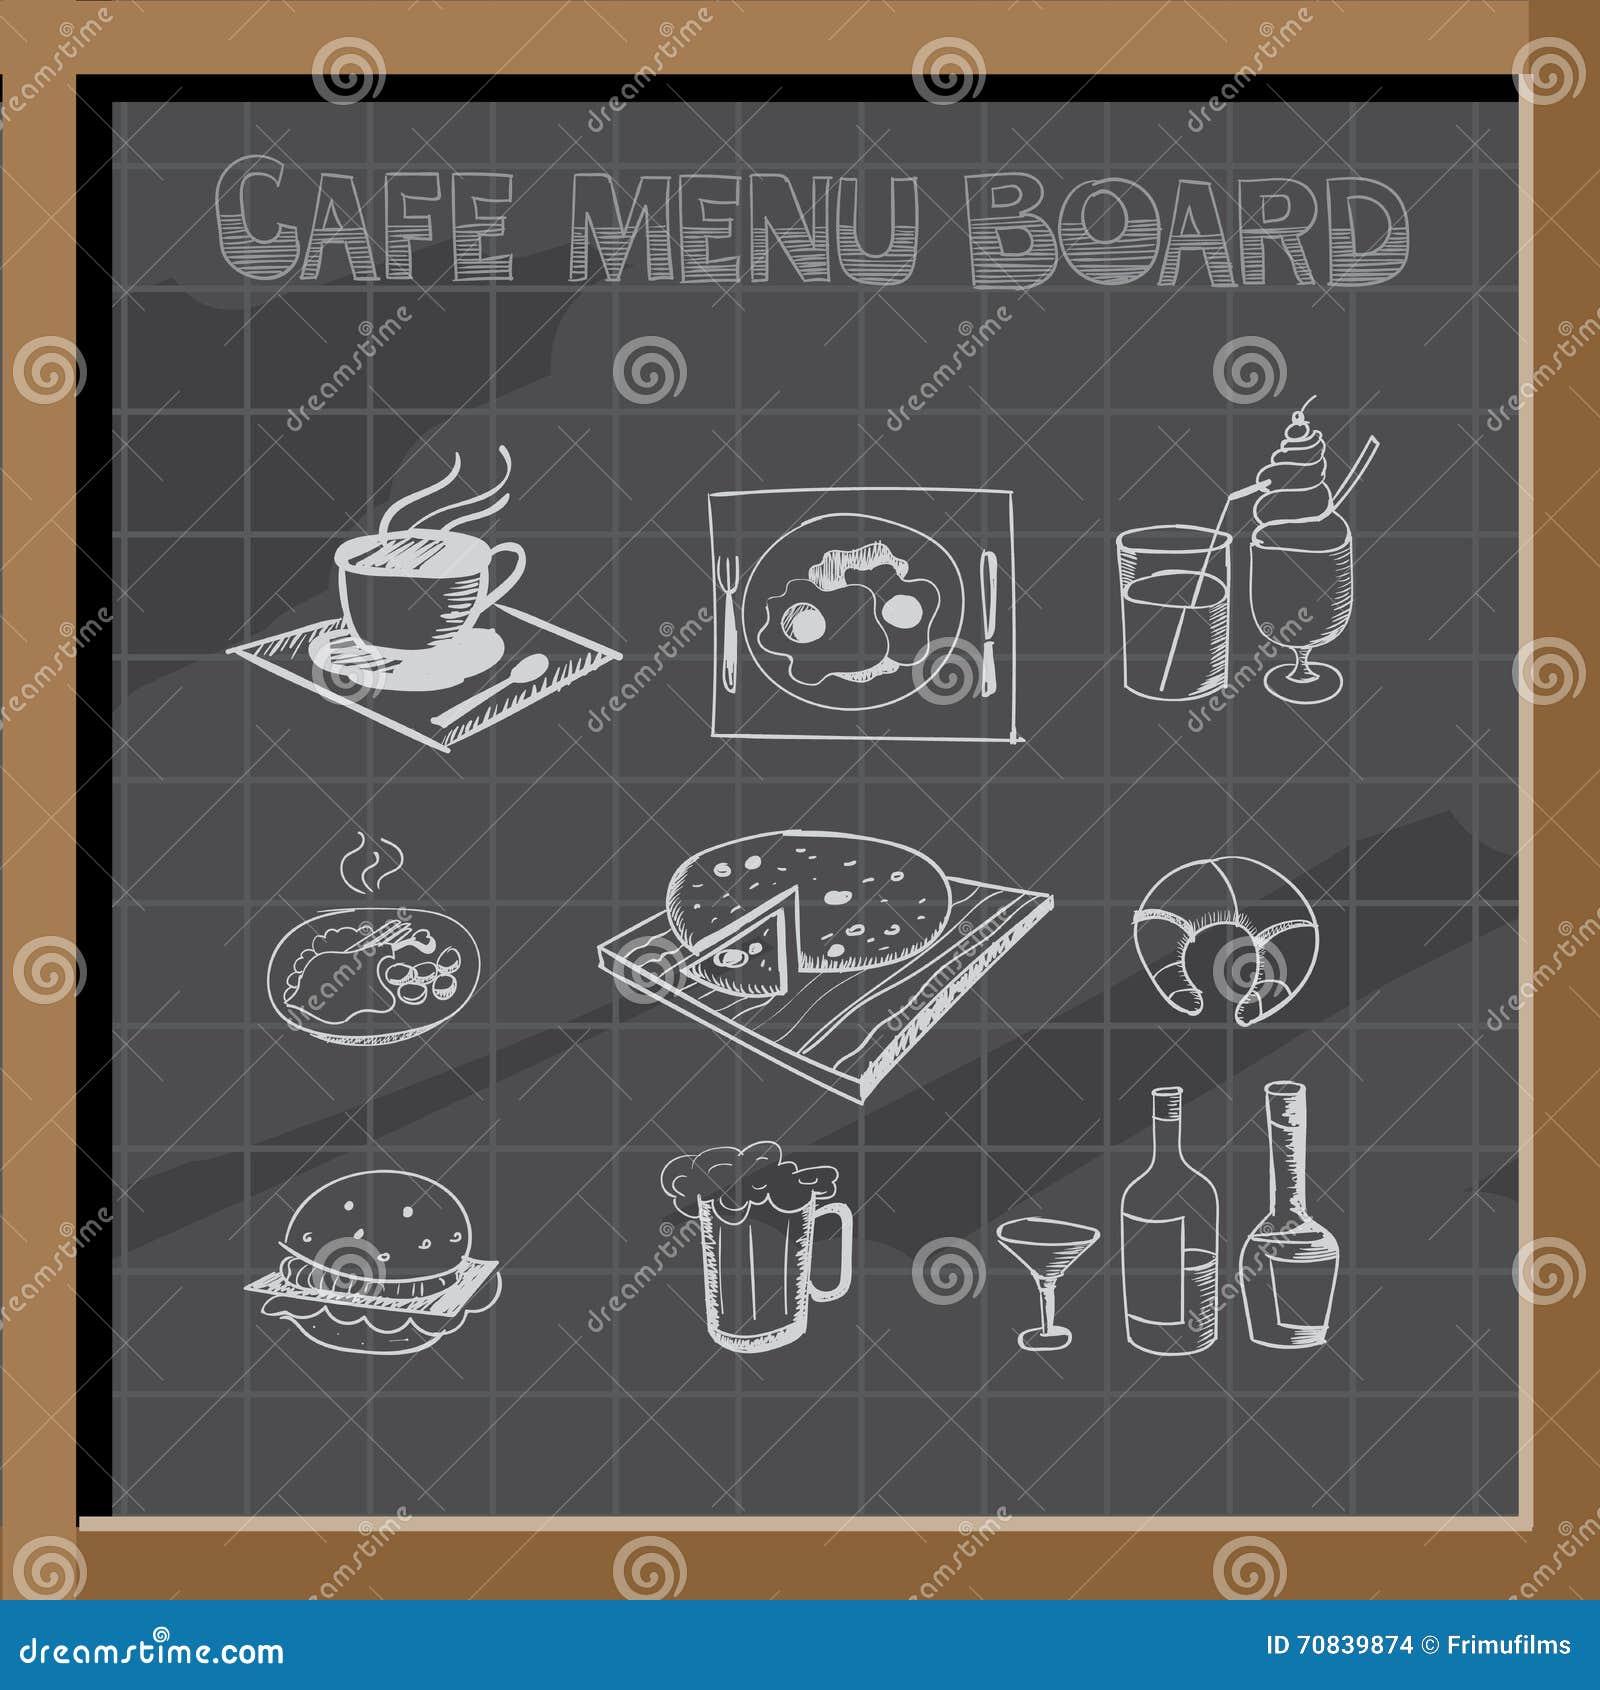 royaltyfree vector download hand drawn cafe menu board